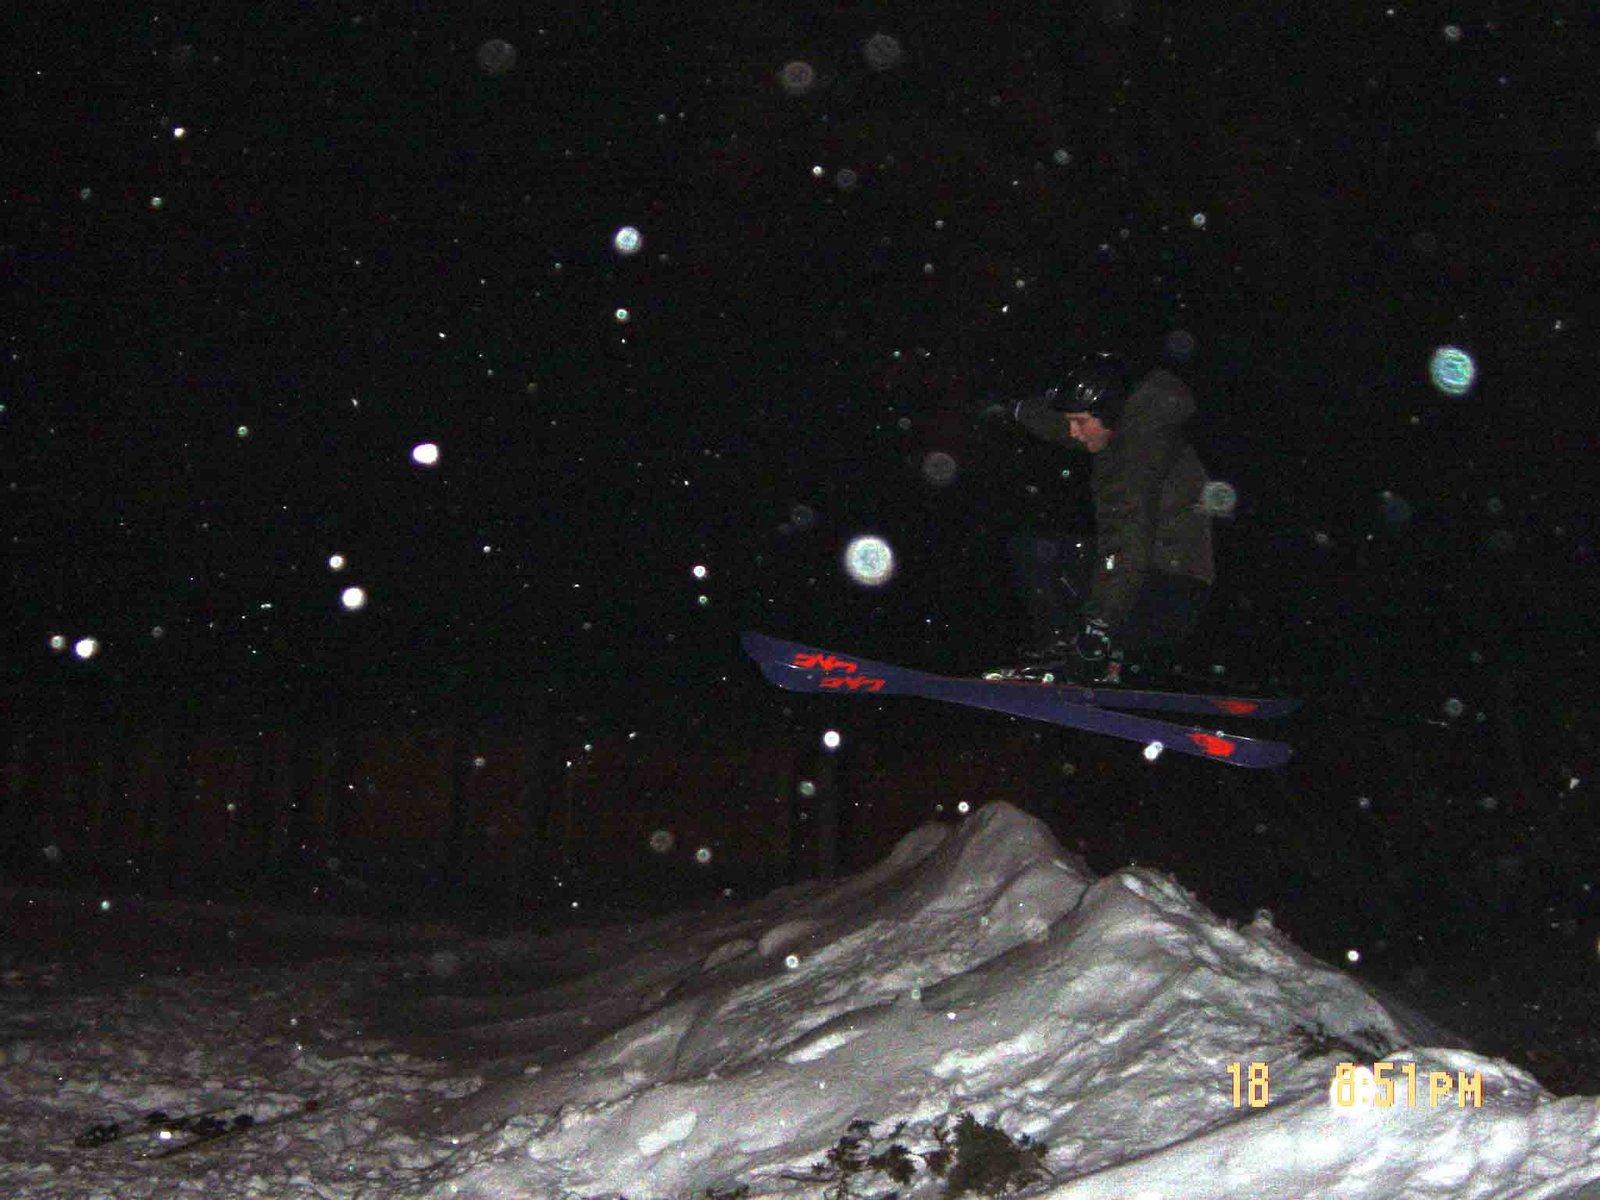 Snowbank Jumping ( Not Smart)